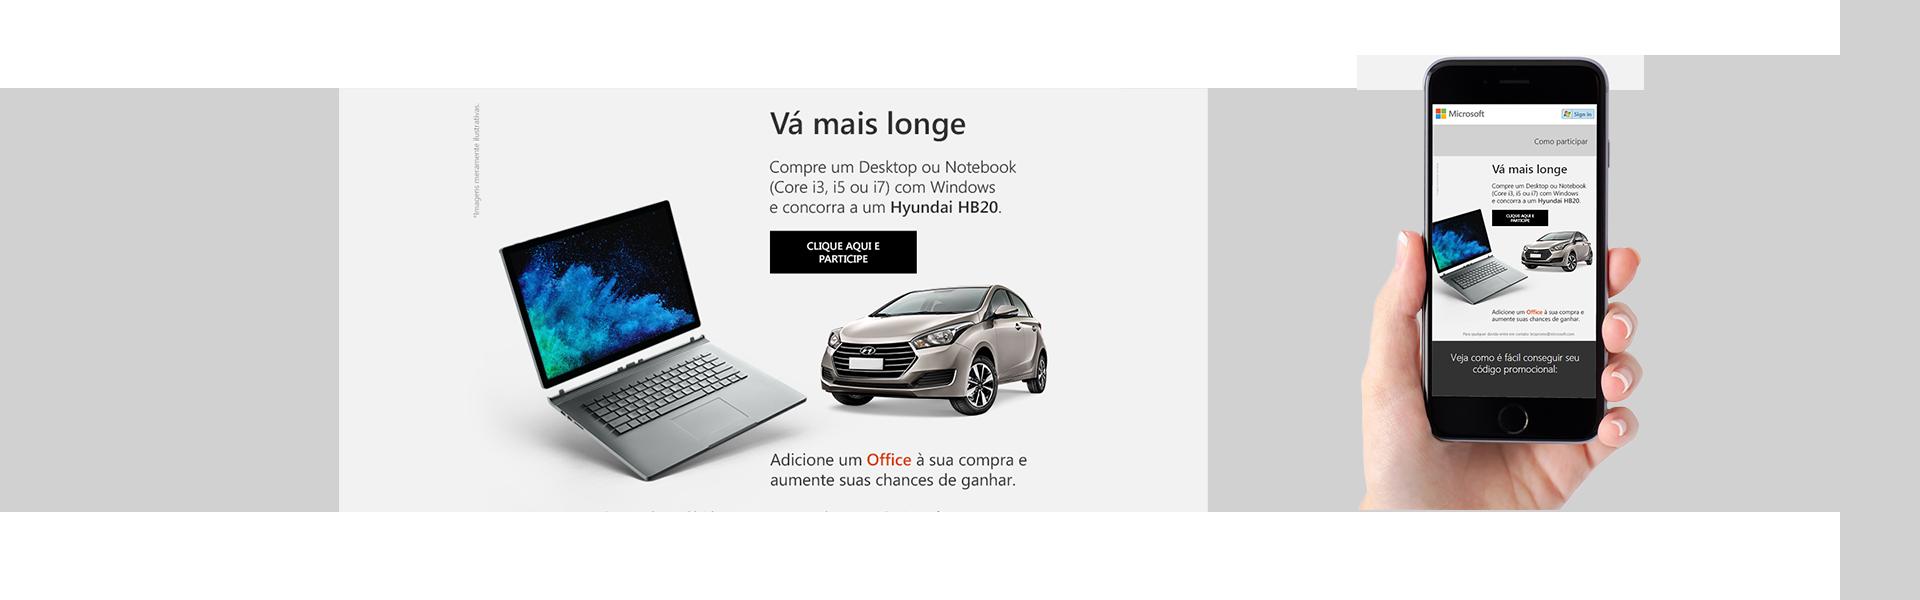 Resgate de Códigos Promocionais - Computadores - Microsoft